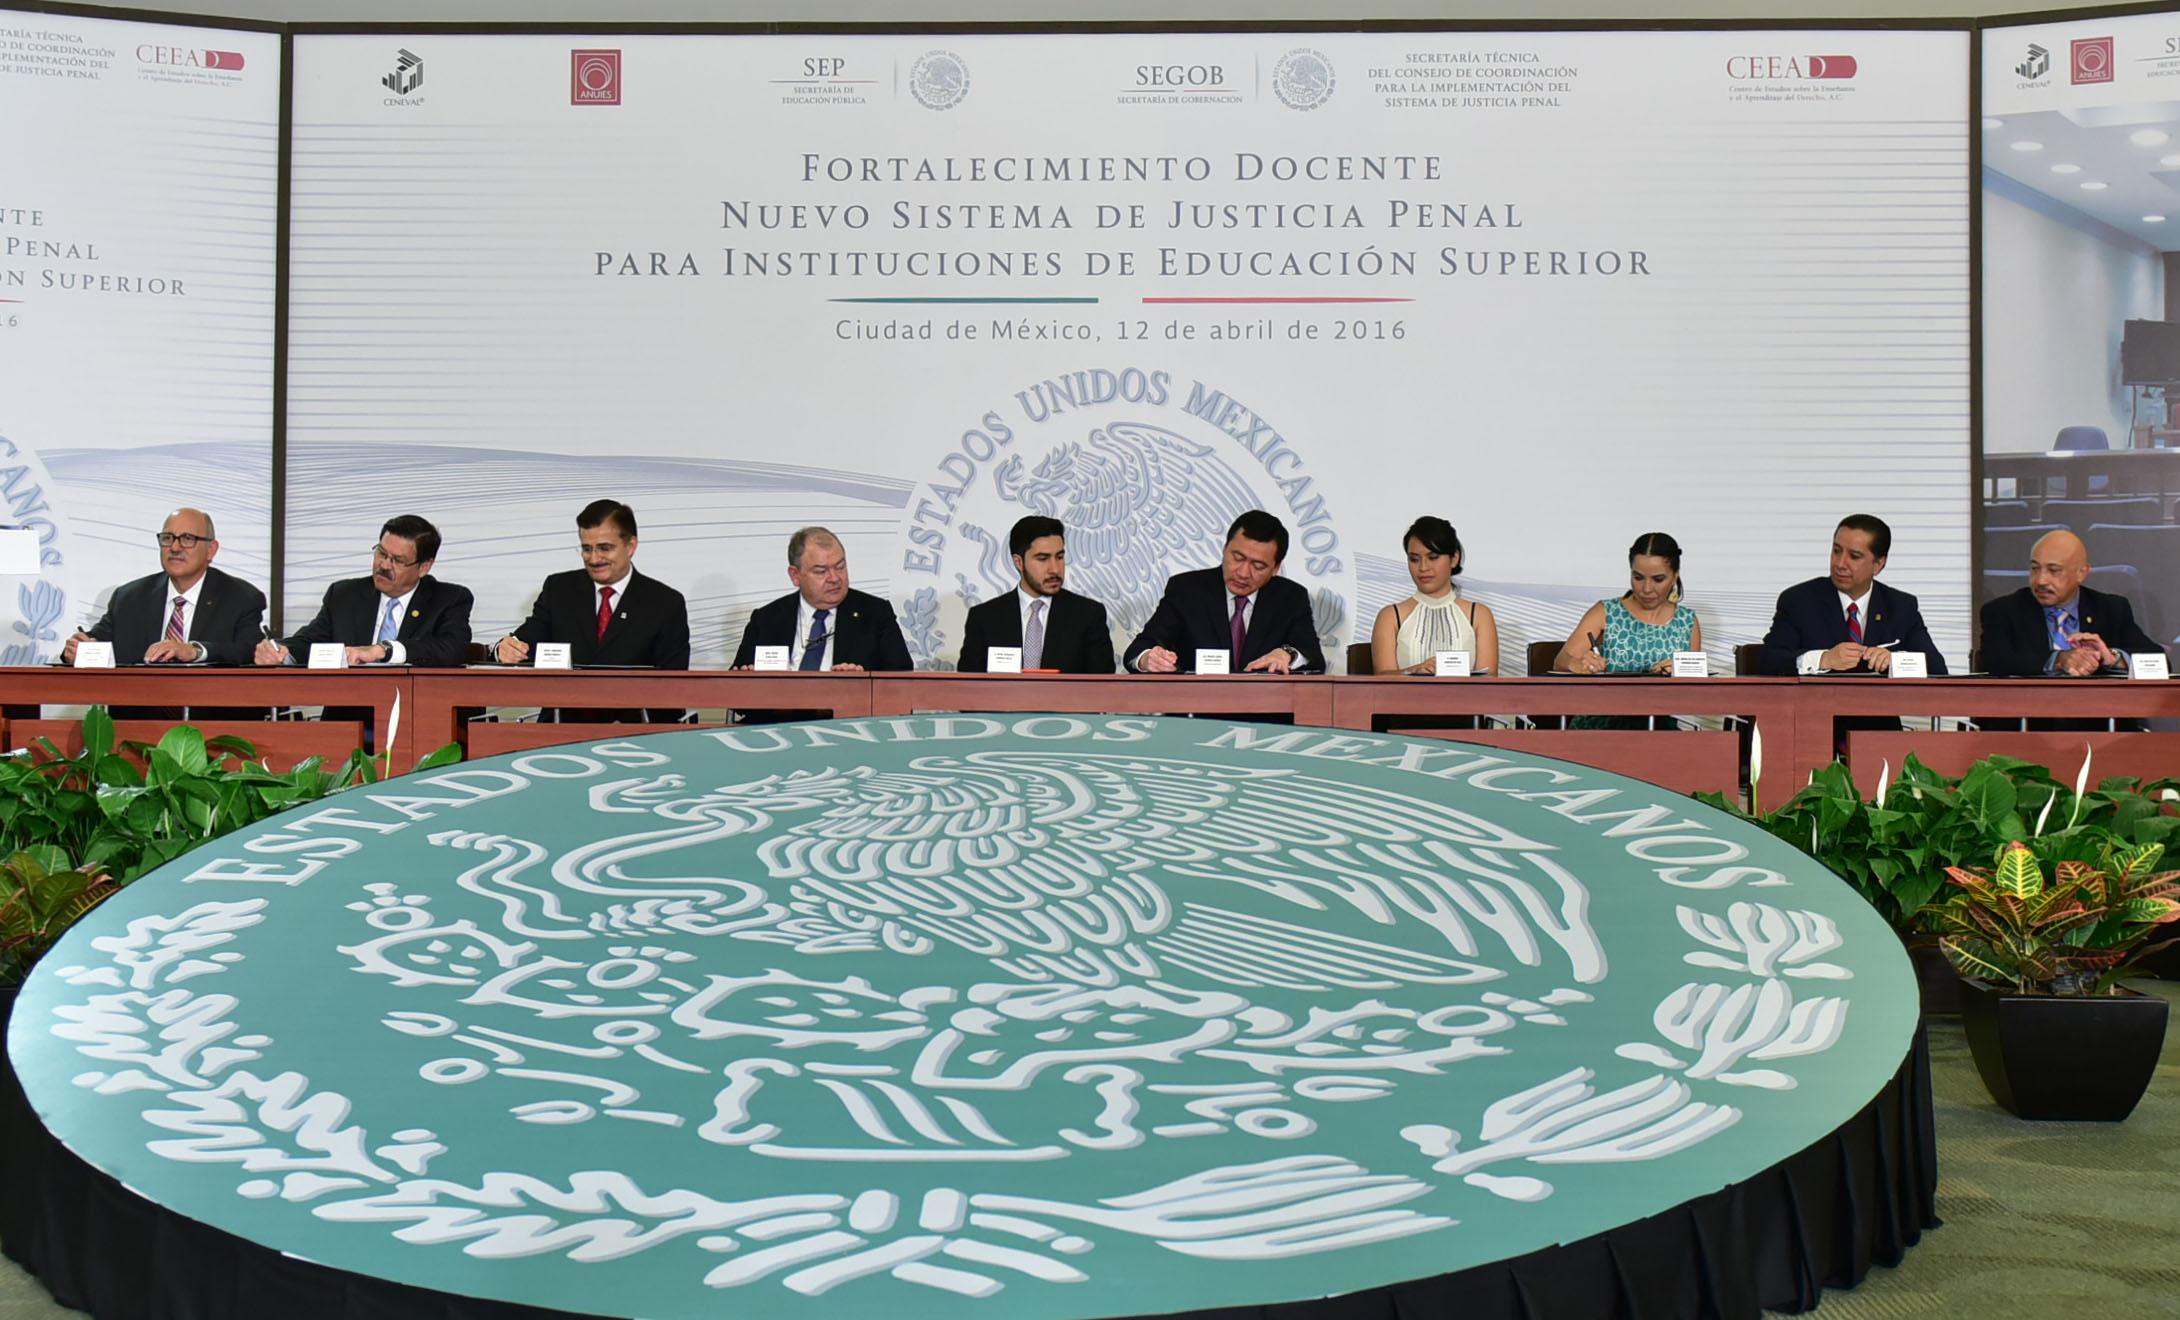 Participantes al Programa Integral para el Fortalecimiento Docente del nuevo Sistema de Justicia Penal